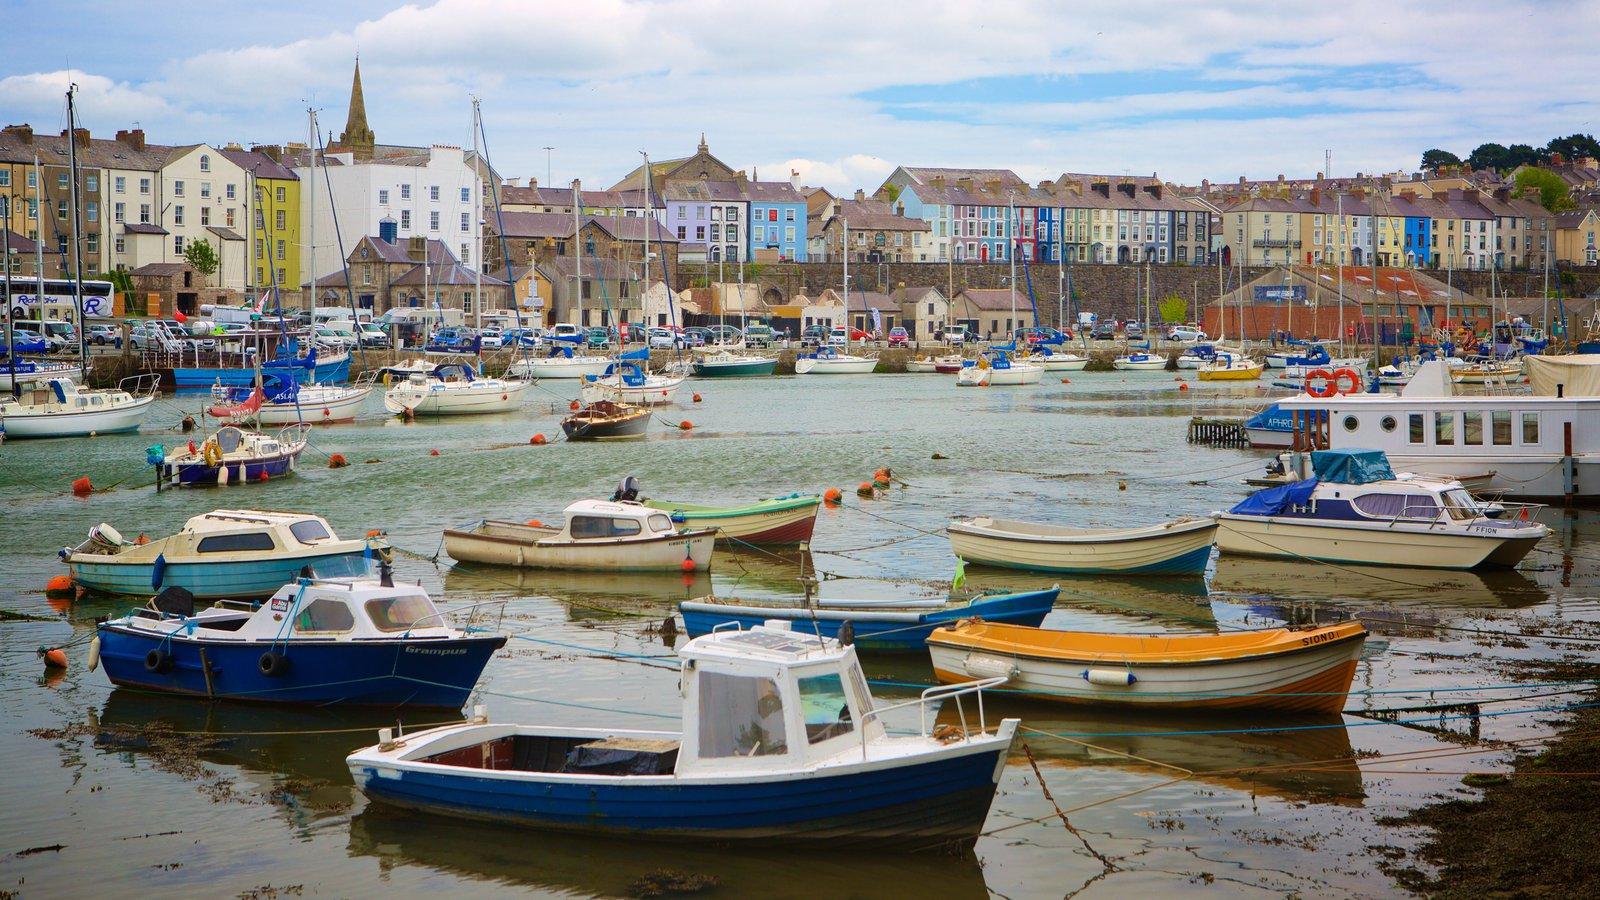 Caernarfon ofreciendo un río o arroyo, una marina y una pequeña ciudad o pueblo